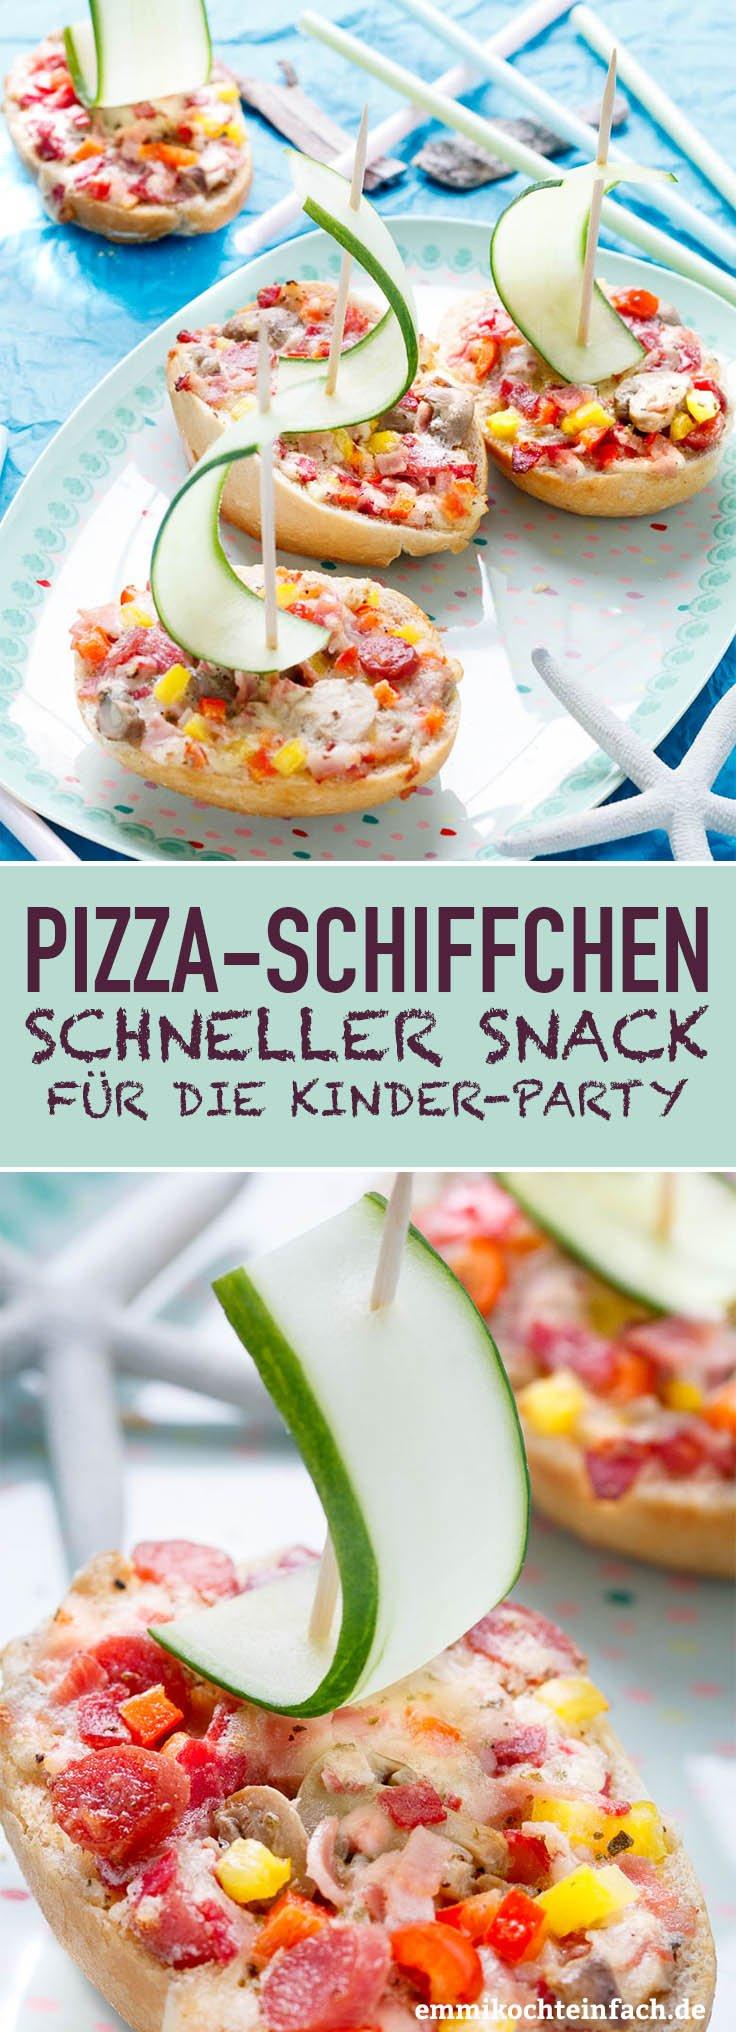 Pizza-Schiffchen - www.emmikochteinfach.de